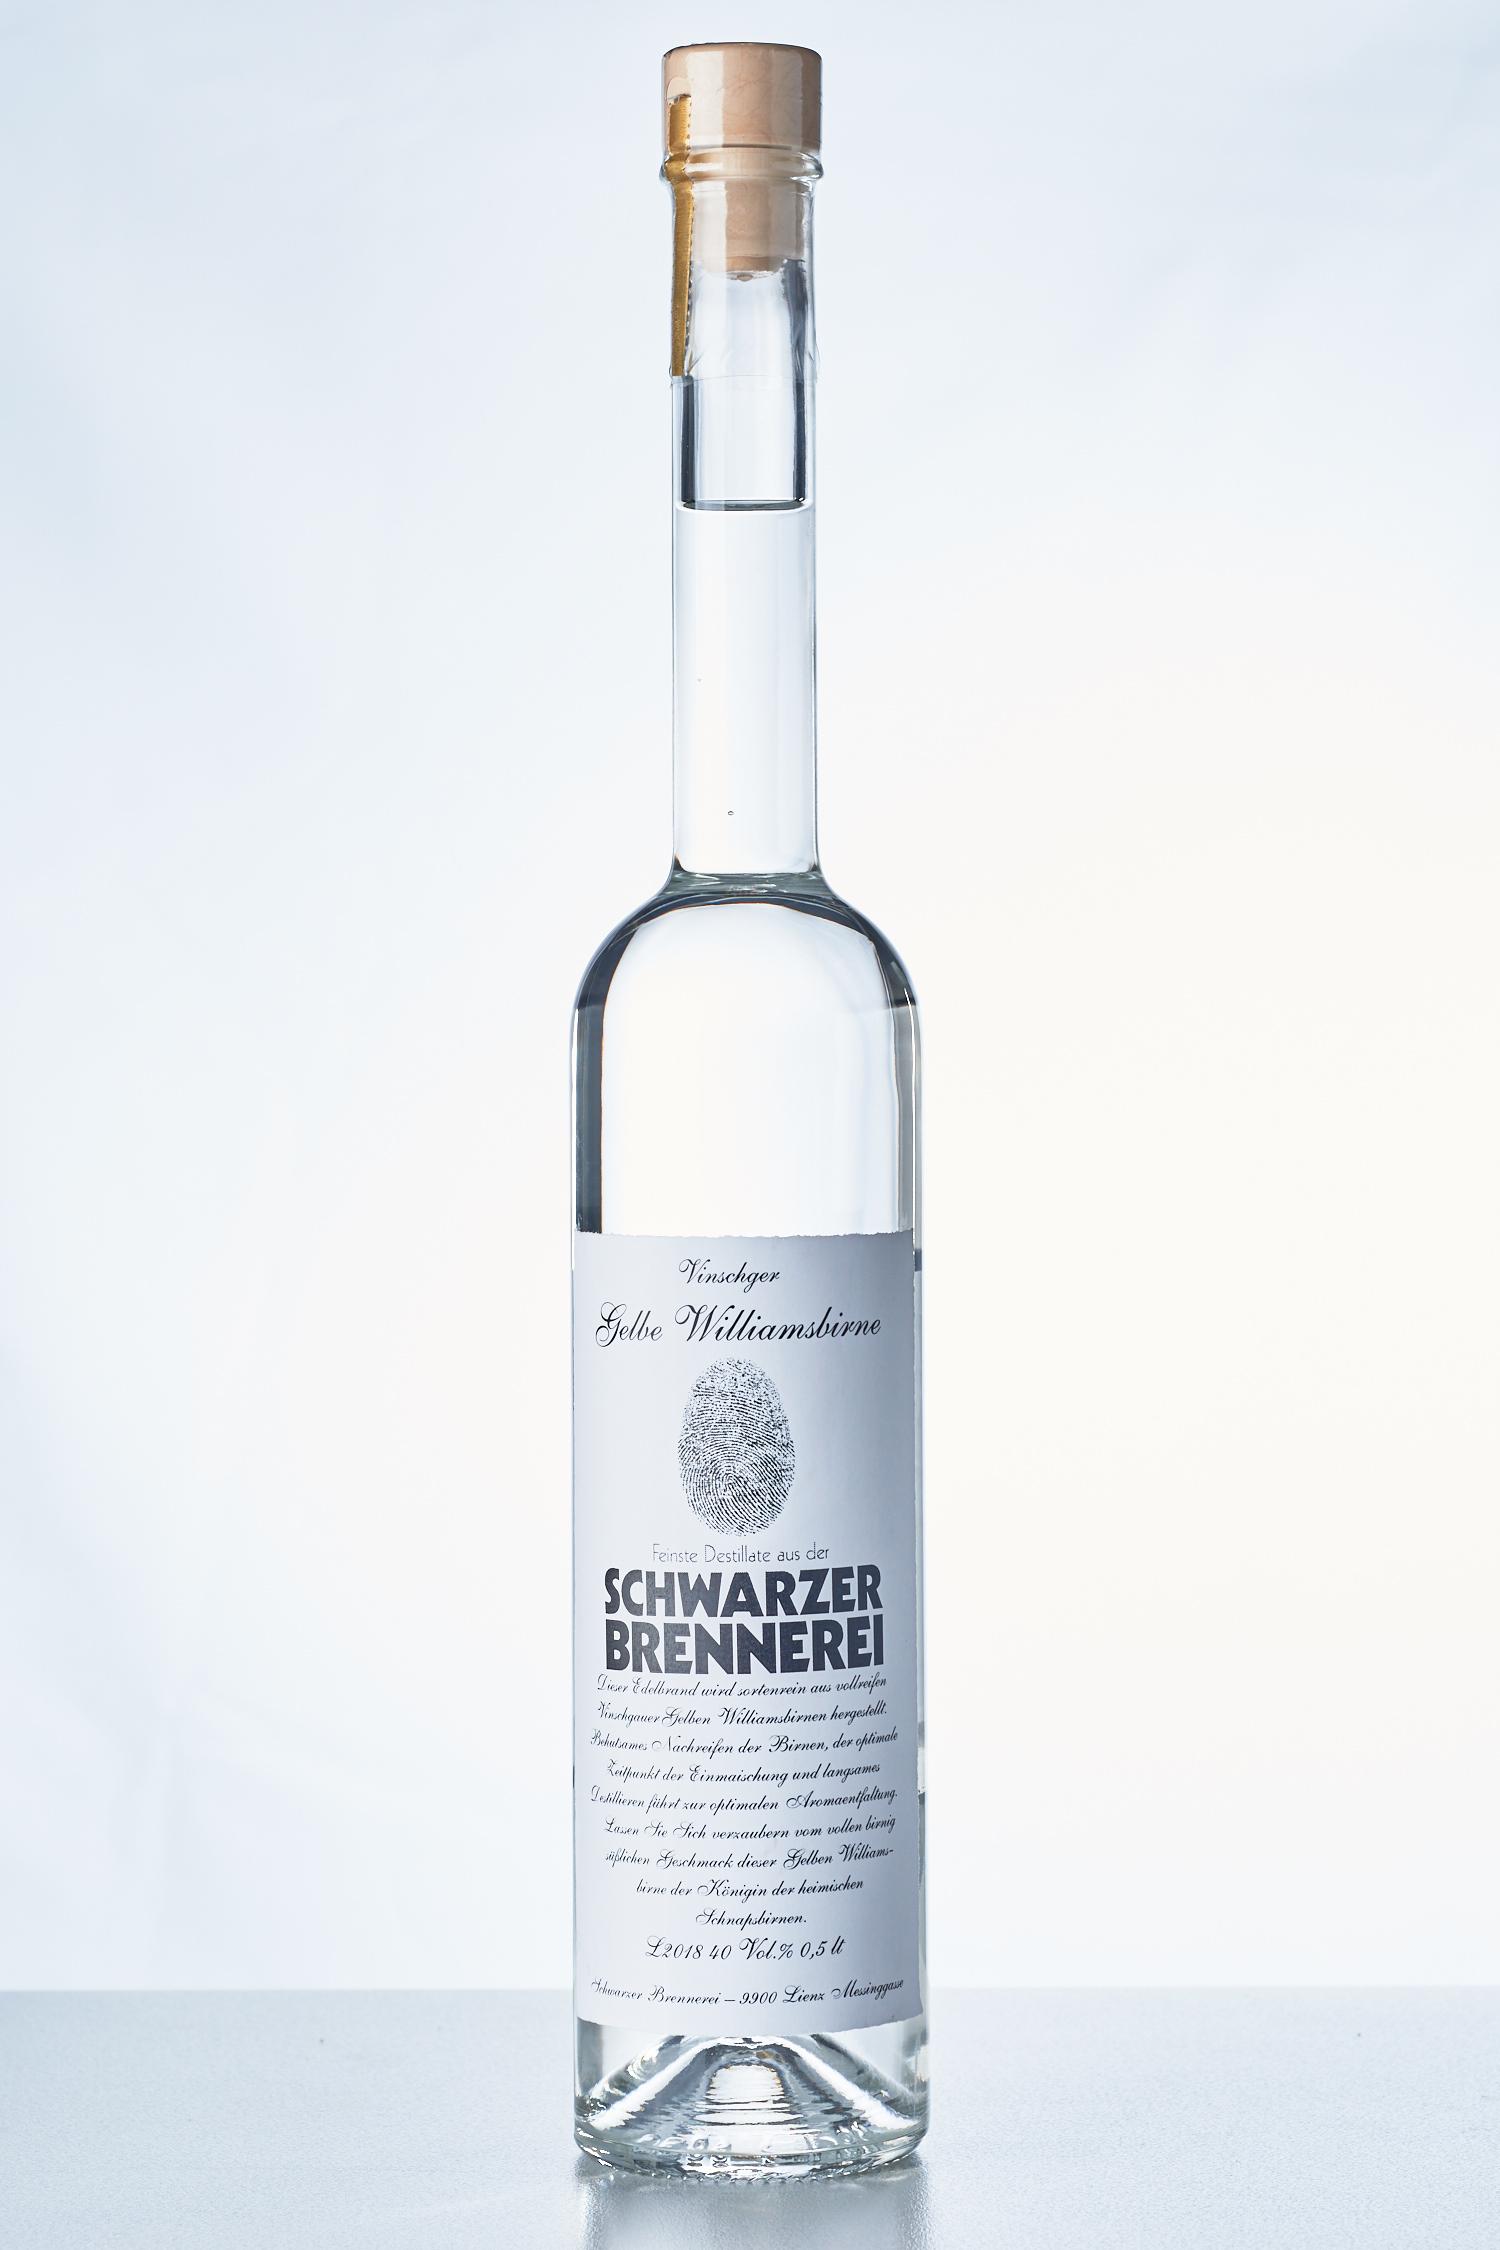 Schwarzer Brennerei - Vinschger Williams